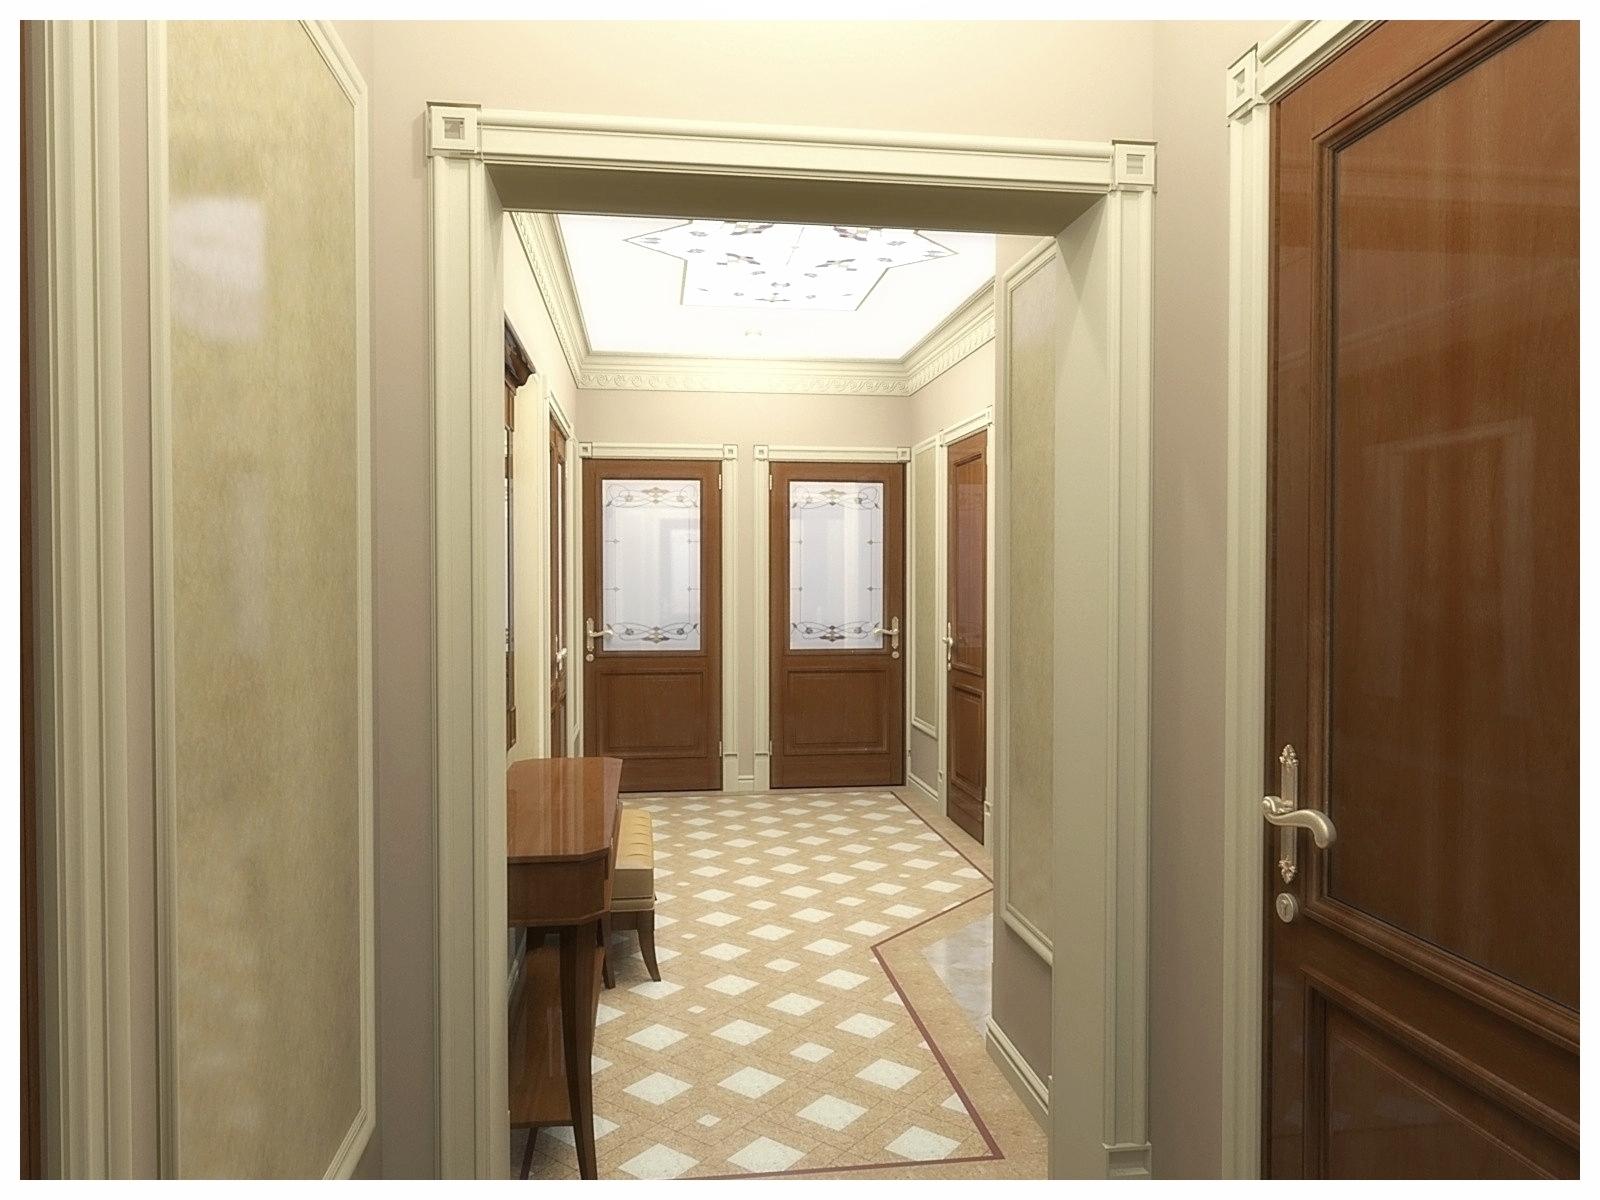 Дизайн интерьеров квартир. Холл 4.